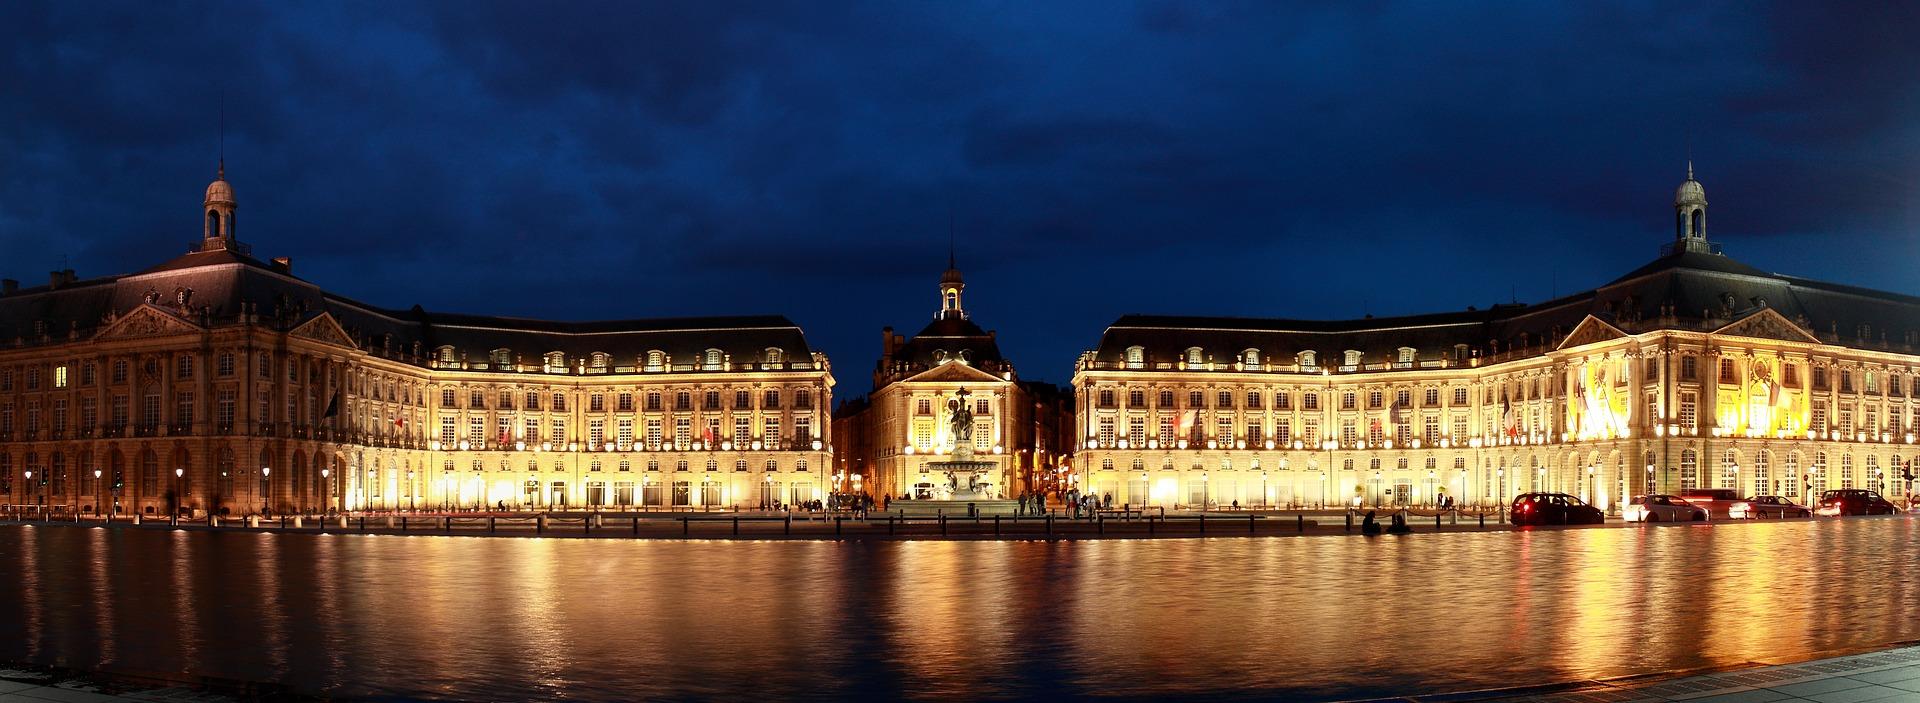 Miroir d'eau by night in Bordeaux